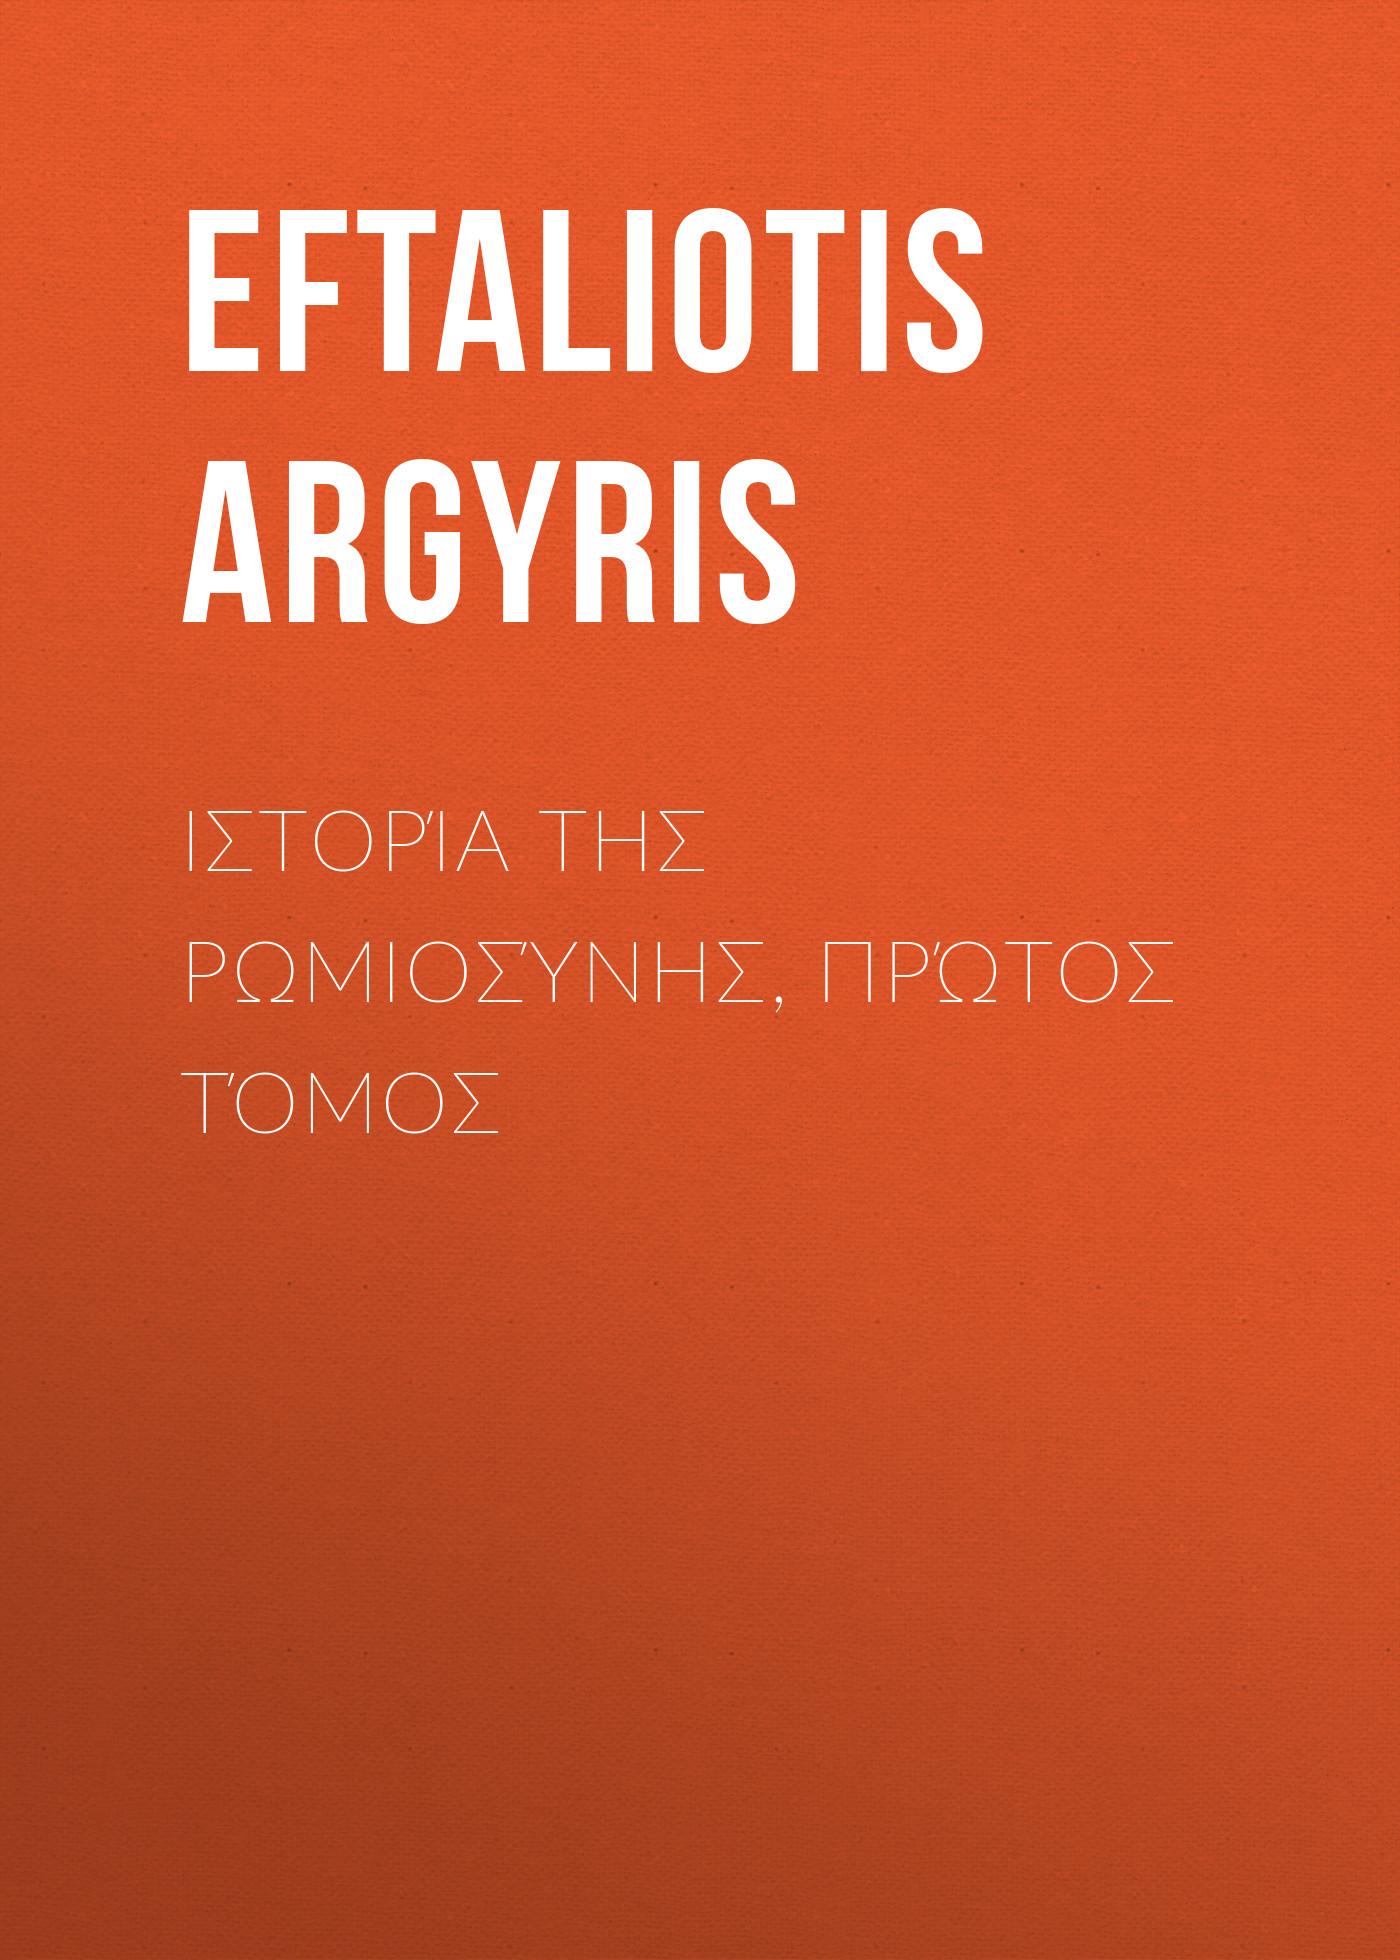 Eftaliotis Argyris Ιστορία της Ρωμιοσύνης, Πρώτος τόμος